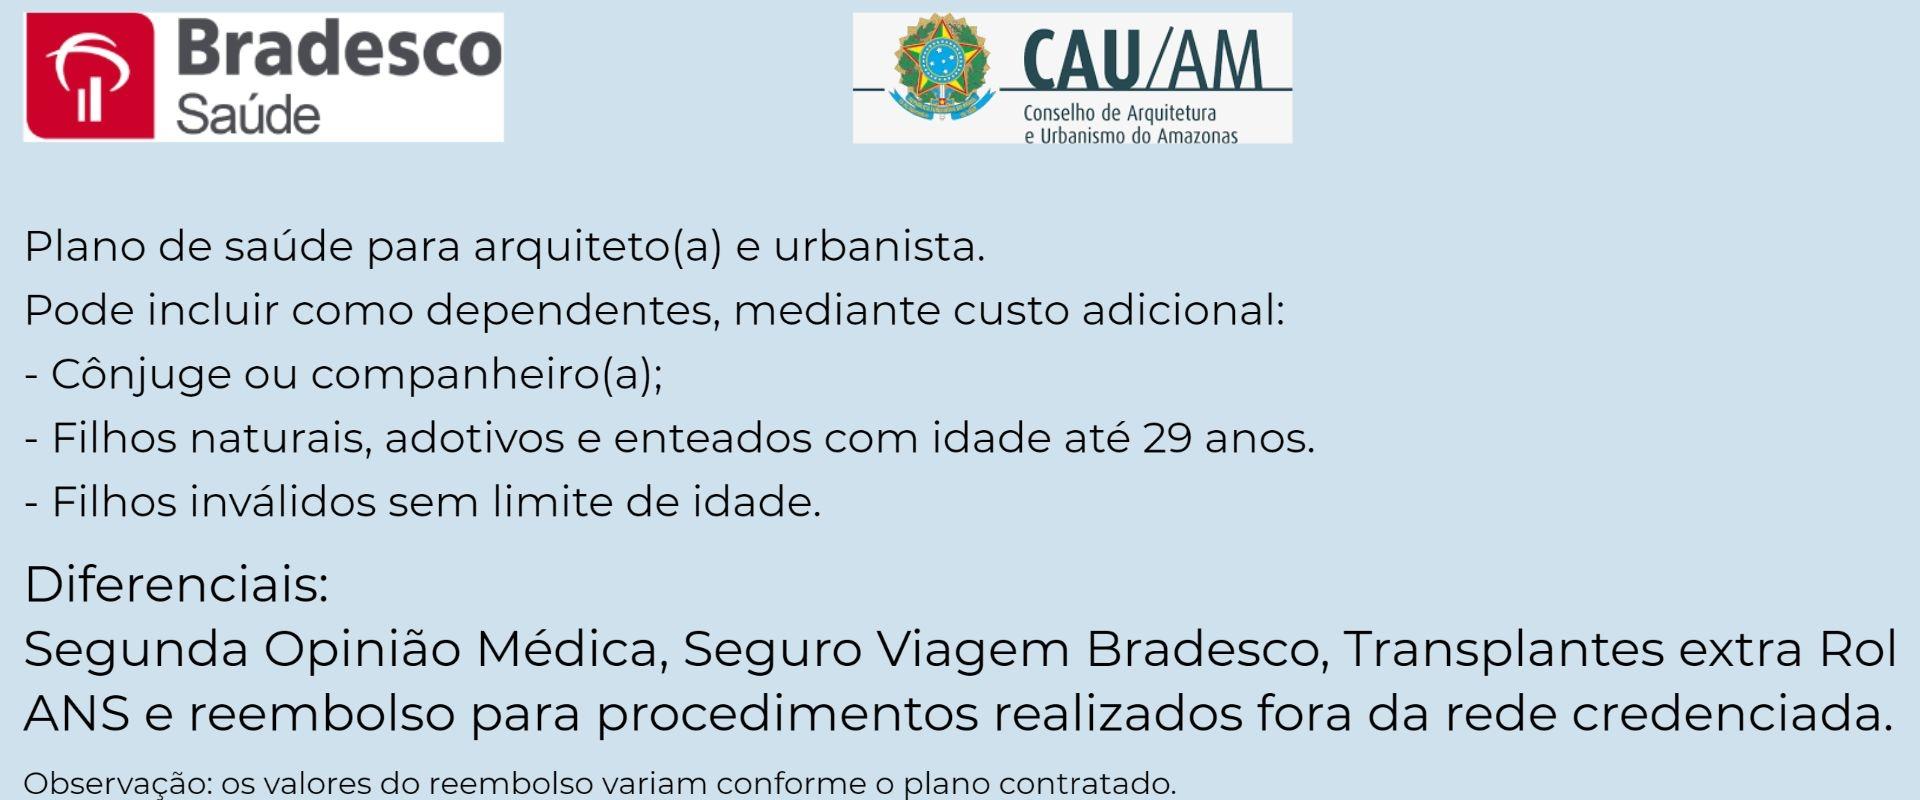 Bradesco Saúde CAU-AM